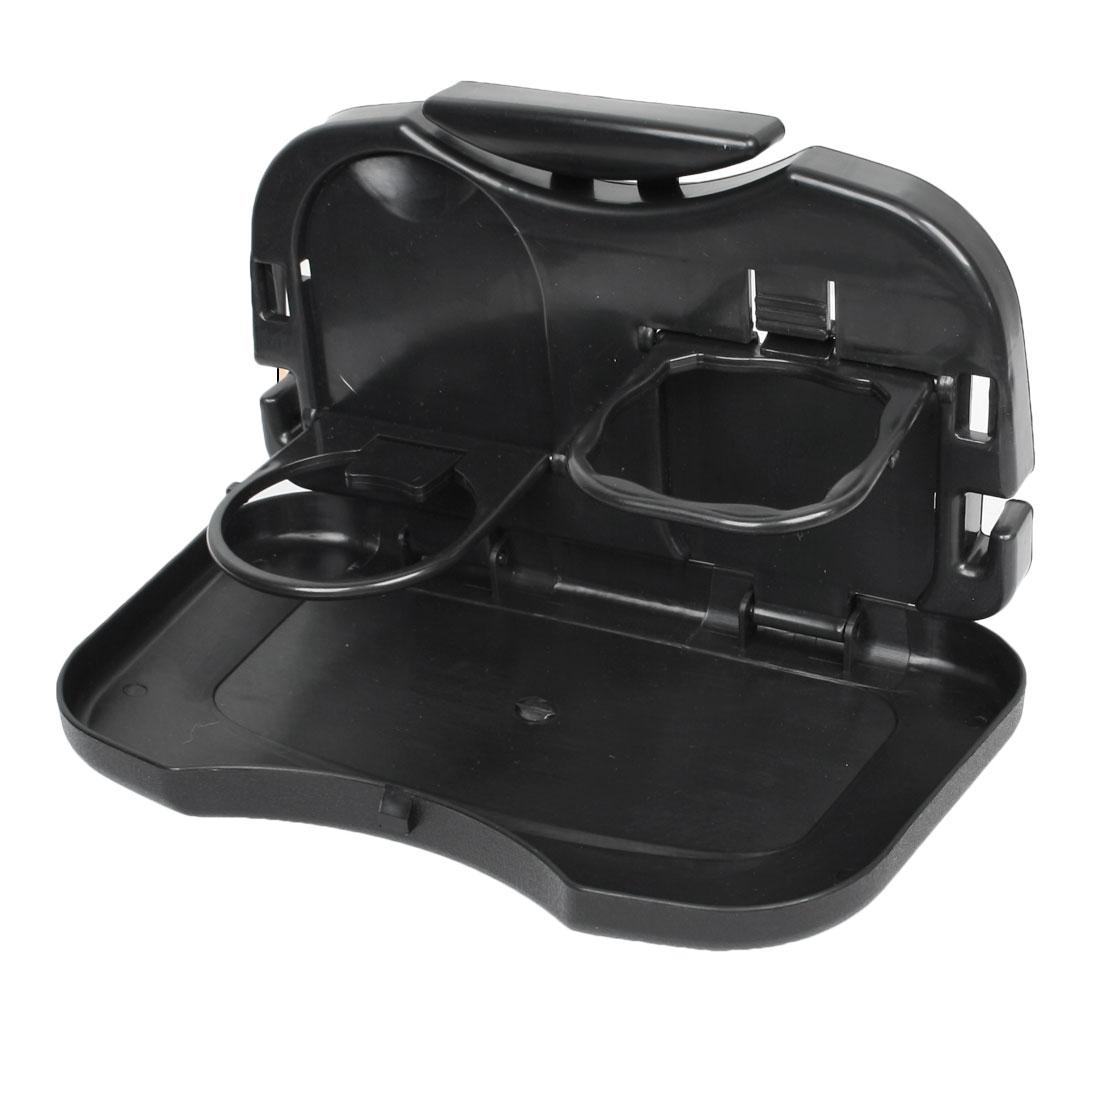 Car Backseat Folding Tray Snack Dinner Table Desk Drink Cup Holder Black